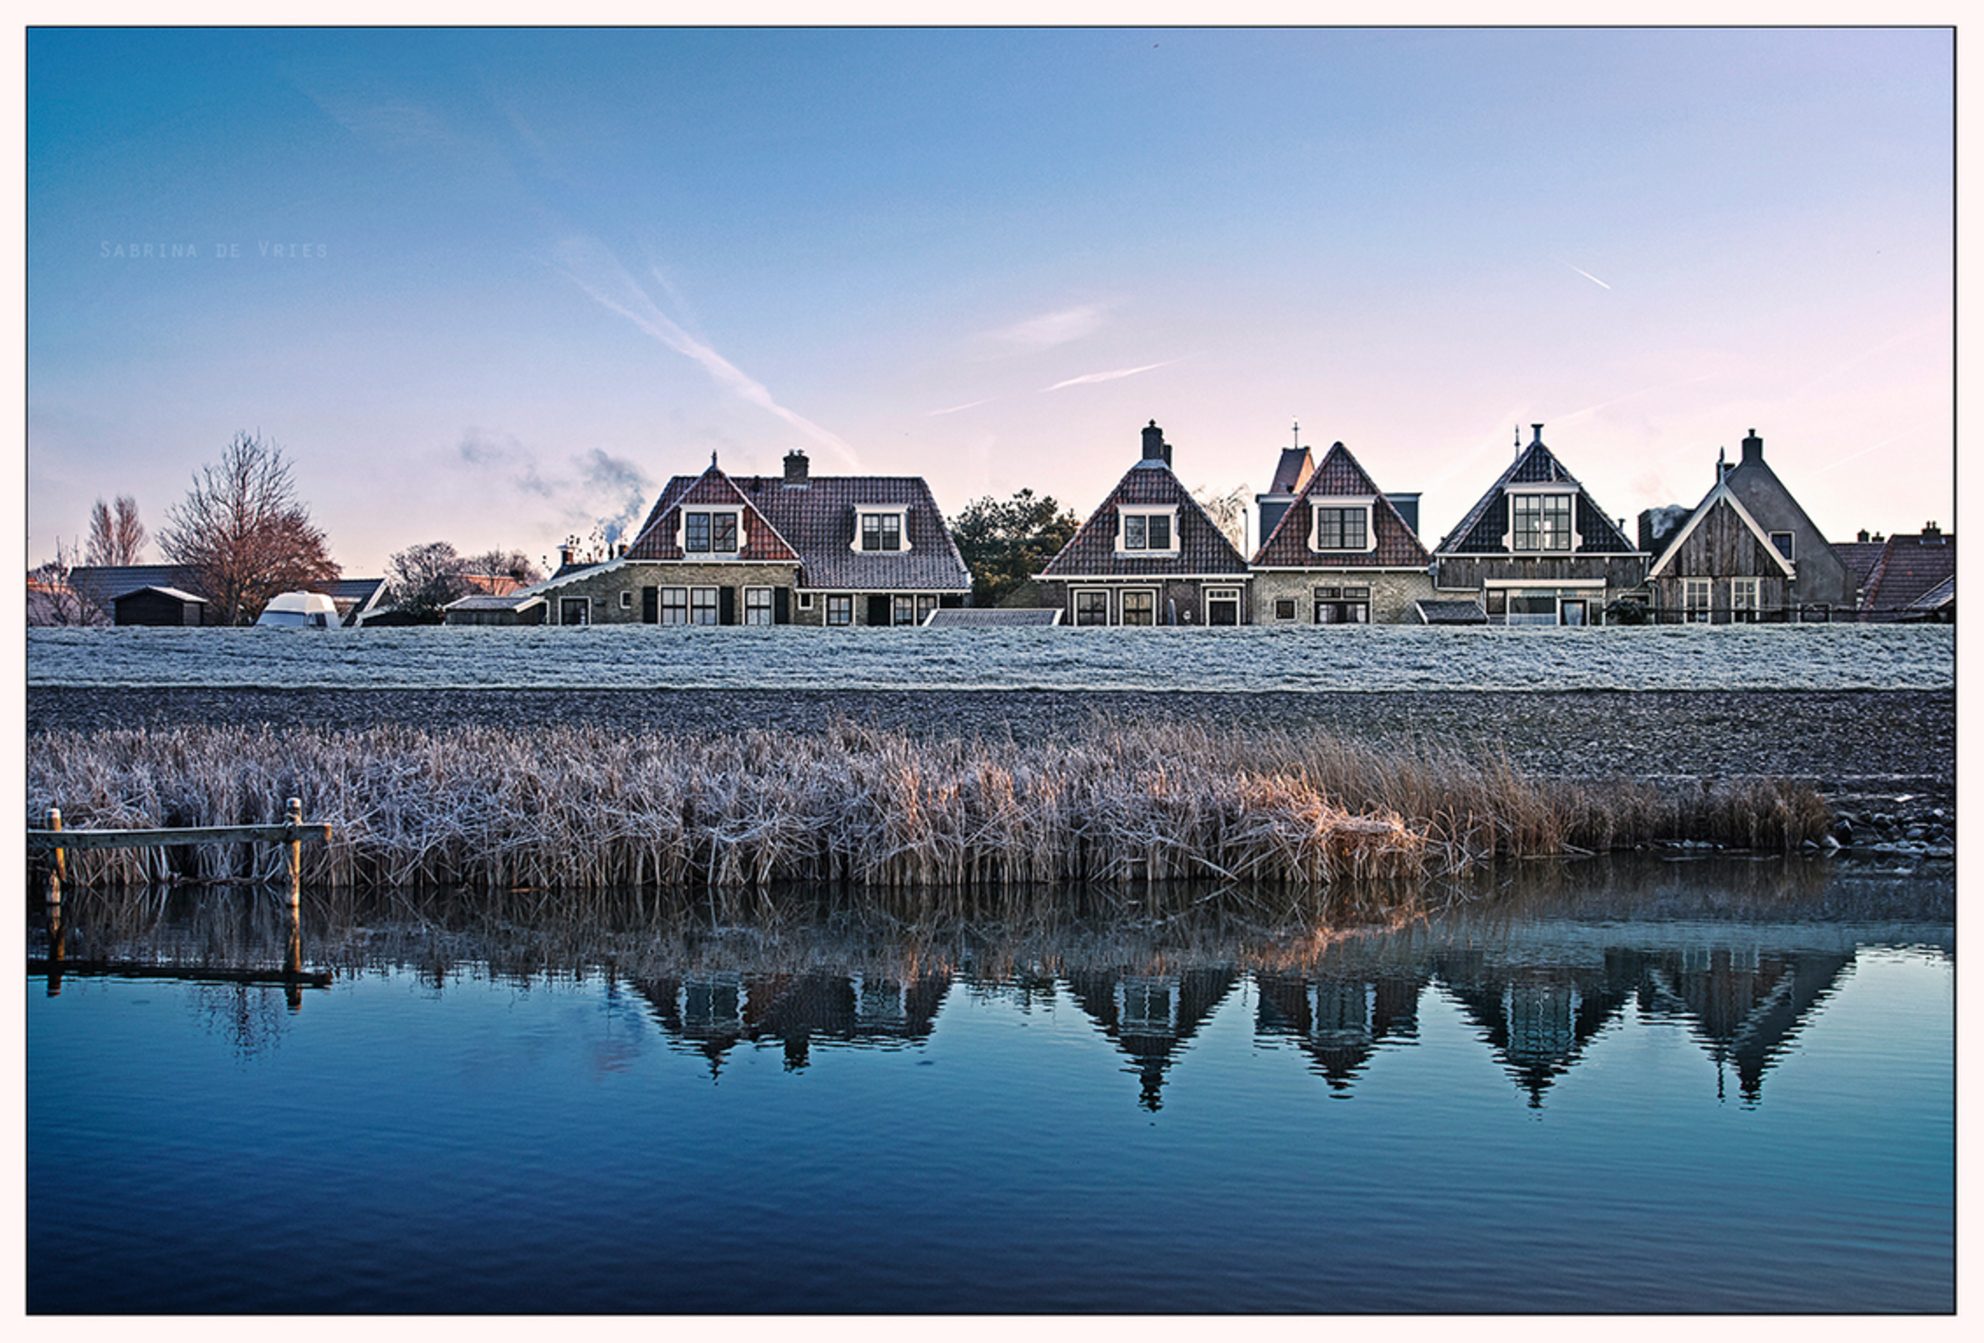 Makkum - Achterdijkje - 29 november 2016 - foto door ReflectionsFromWithin op 30-11-2016 - deze foto bevat: lucht, kleur, zon, water, winter, ijs, spiegeling, landschap, mist, zonsopkomst, sloot, koud, molen, kust, ijsselmeer, huizen, nostalgie, wieken, kou, najaar, zeedijk, makkum, vrieskou